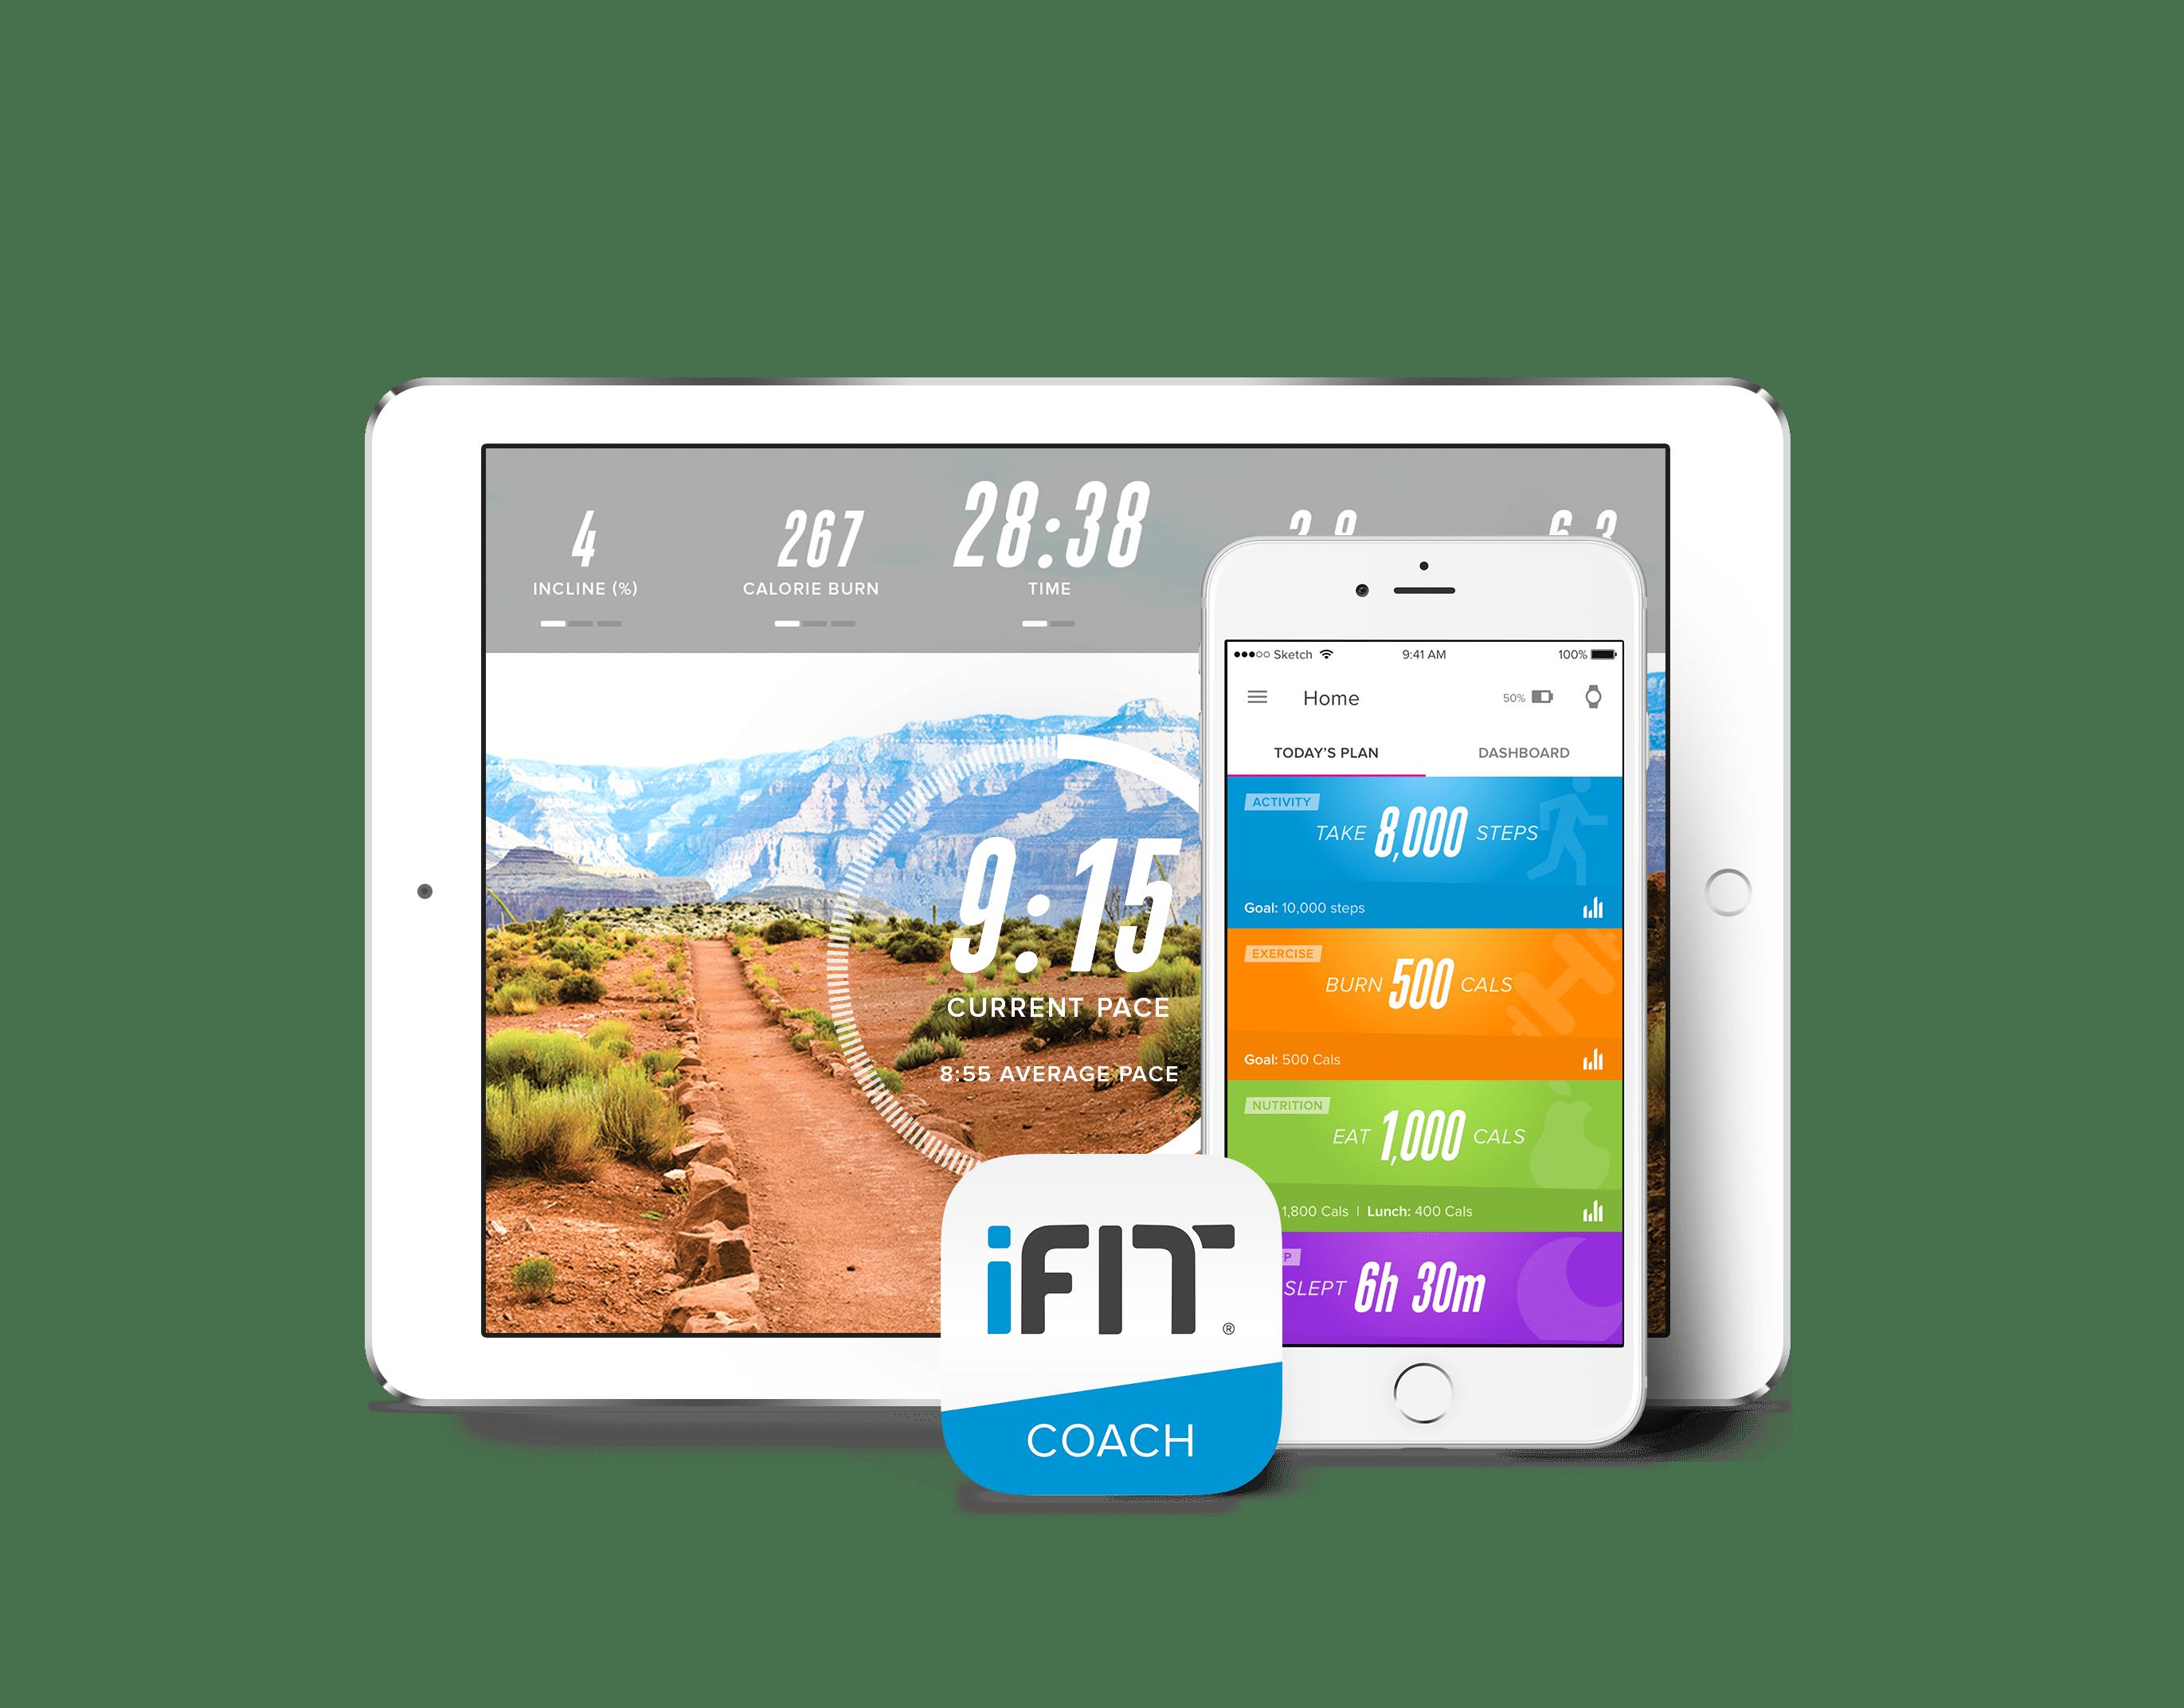 ProForm Performance 300i Treadmill, iFit Coach Compatible - Walmart com